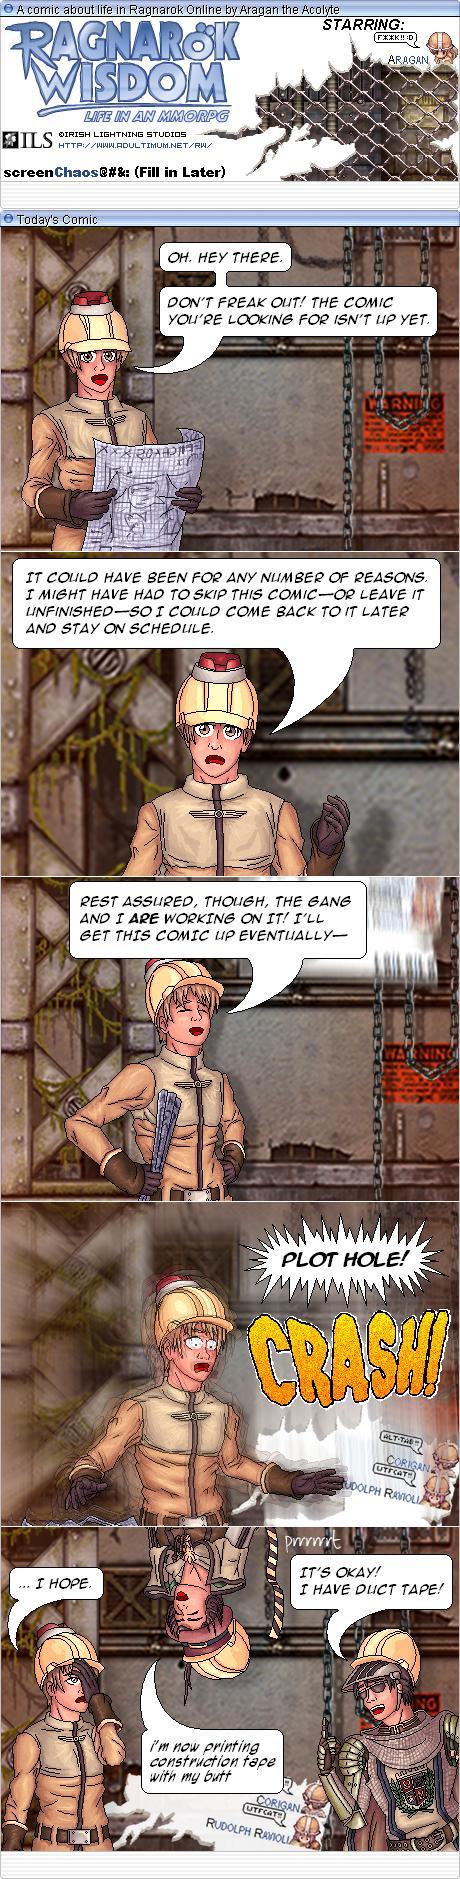 Comic #472